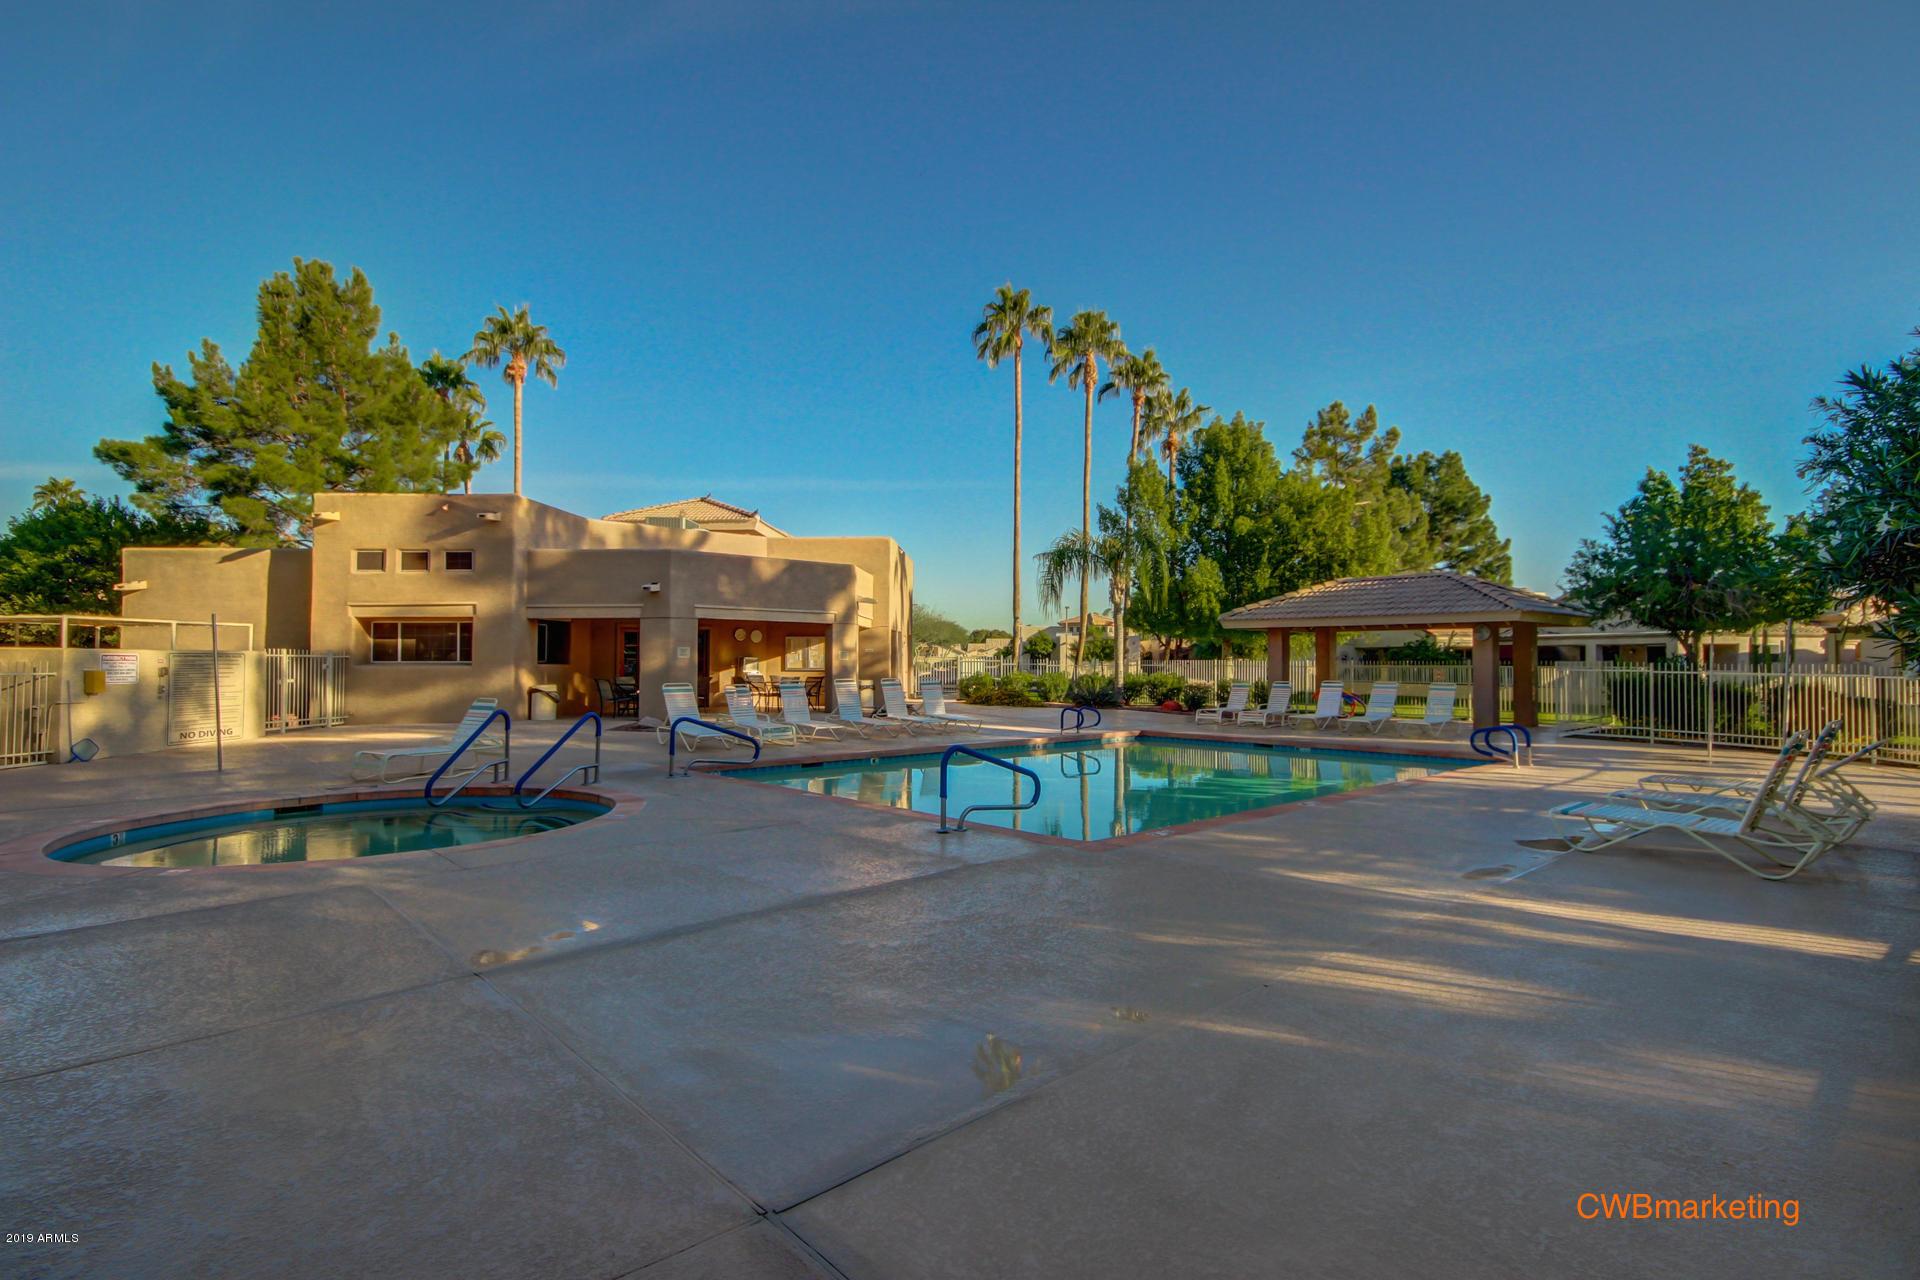 MLS 5864885 14589 W Winding Trail, Surprise, AZ 85374 Surprise AZ Sun Village